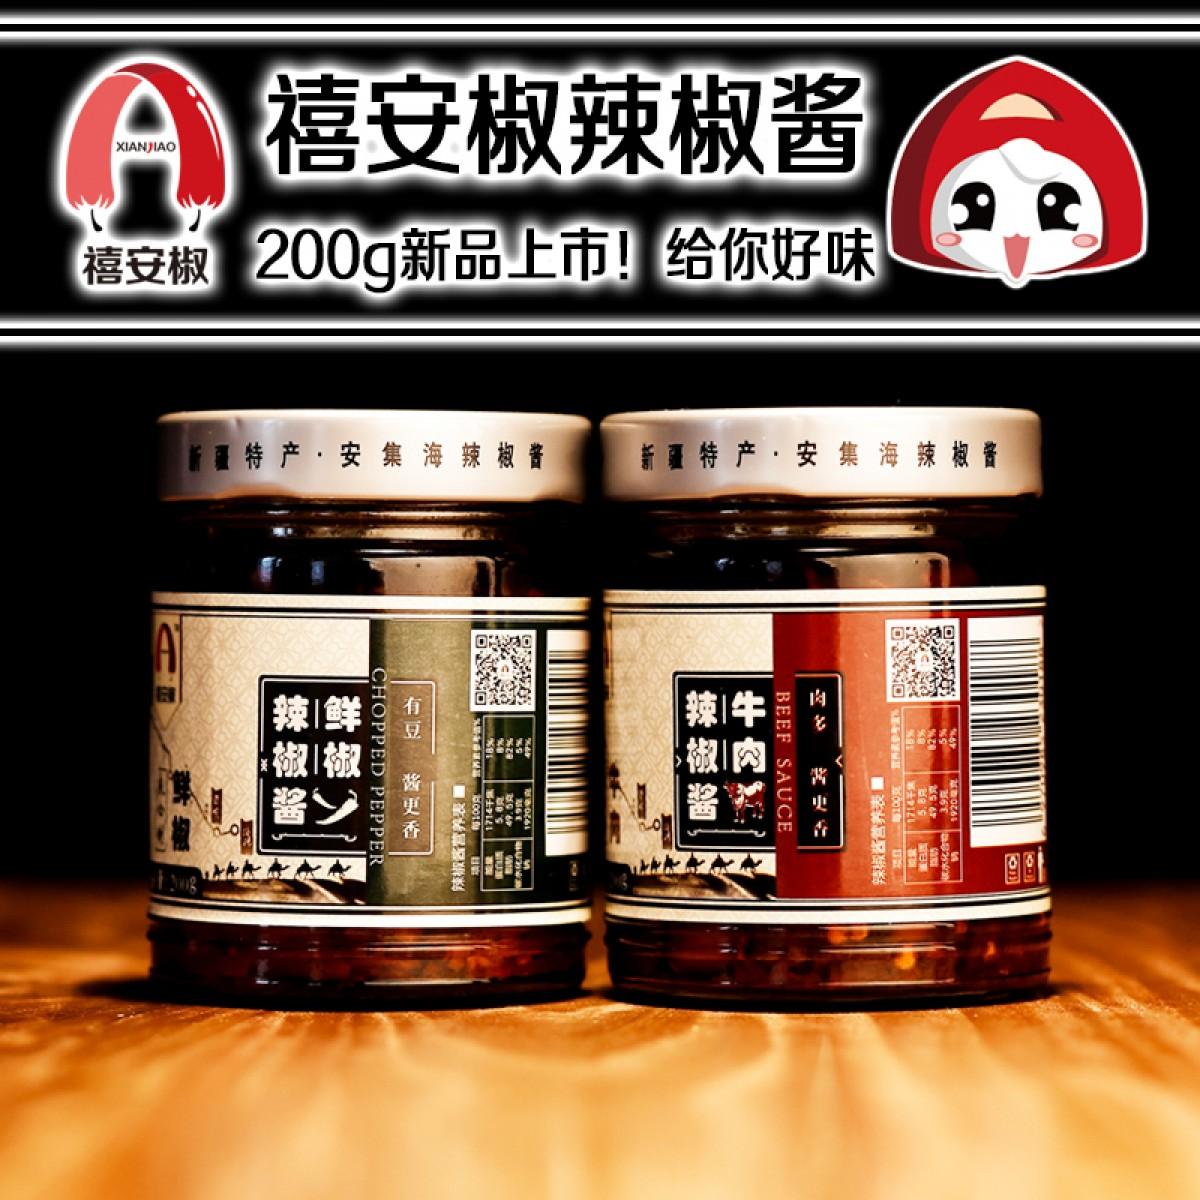 【乌鲁木齐仓】新疆特产 禧安椒 牛肉辣椒酱 三瓶实惠装 200g*3瓶 全国包邮